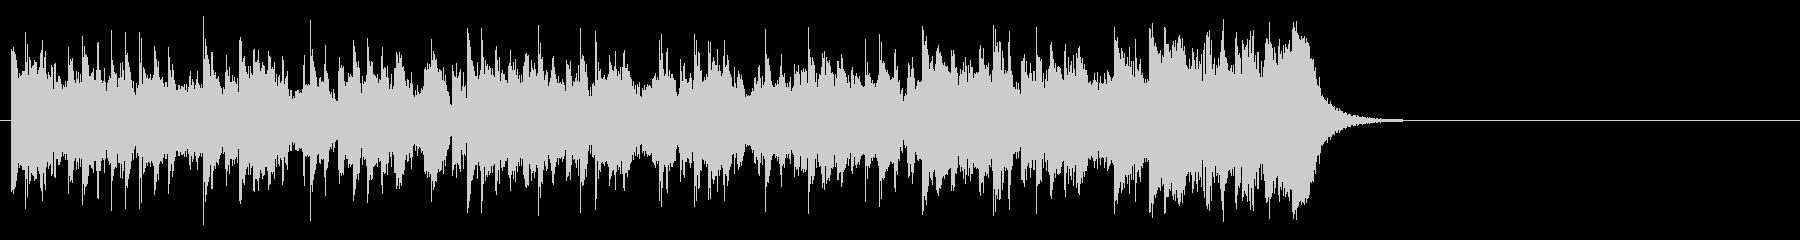 テーマパーク向けポップ(サビ)の未再生の波形